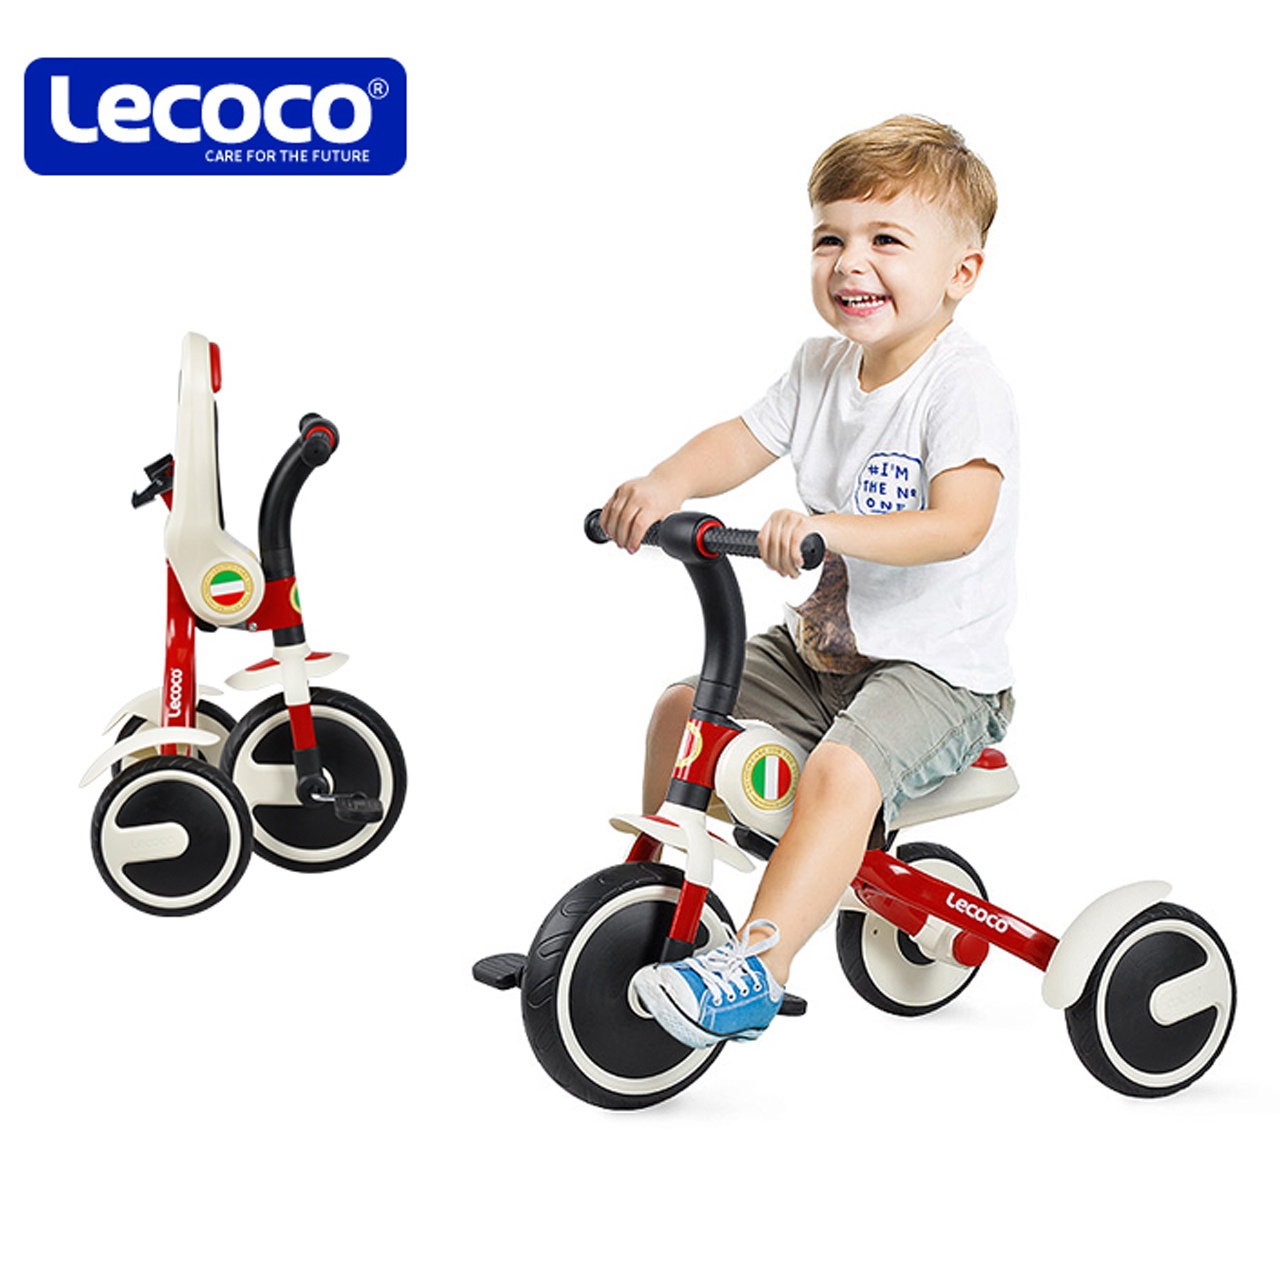 lecoco乐卡儿童三轮车2-3-5-6岁宝宝可折叠幼儿脚踏车便携自行车